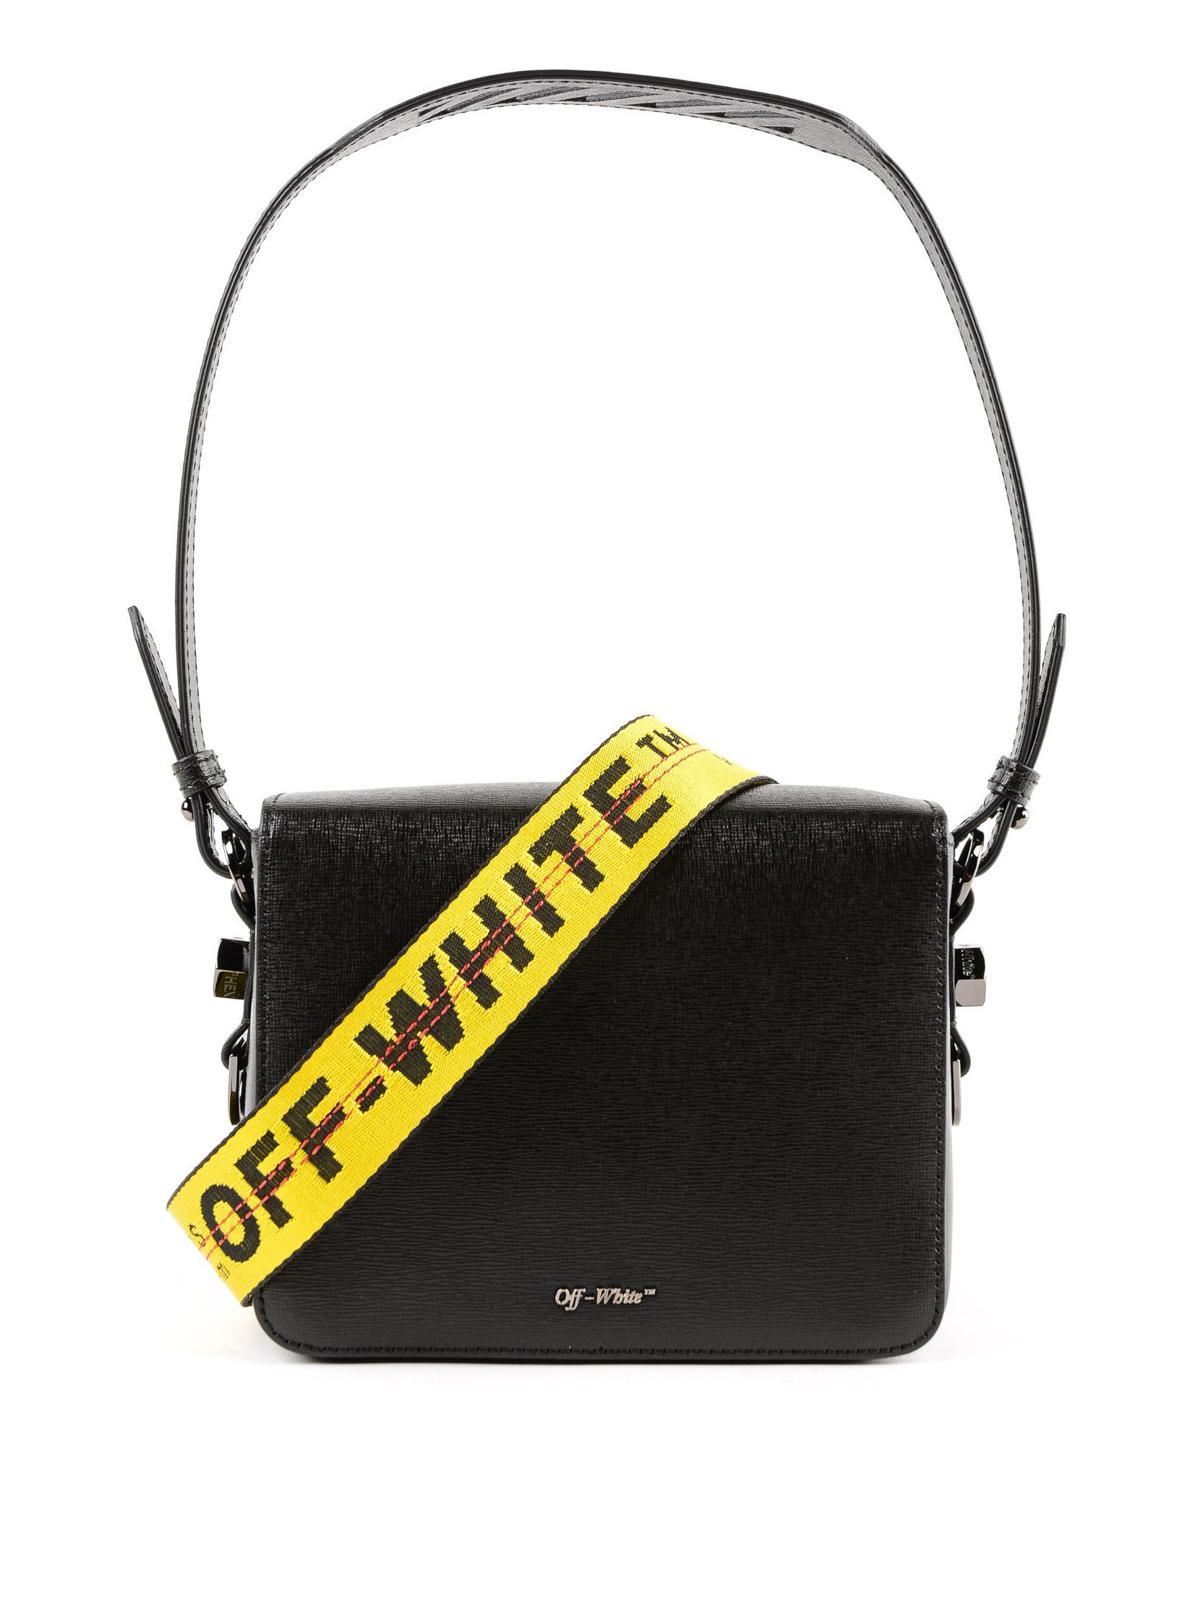 2e647df5de83 iKRIX OFF-WHITE  shoulder bags - Diag leather squared shoulder bag